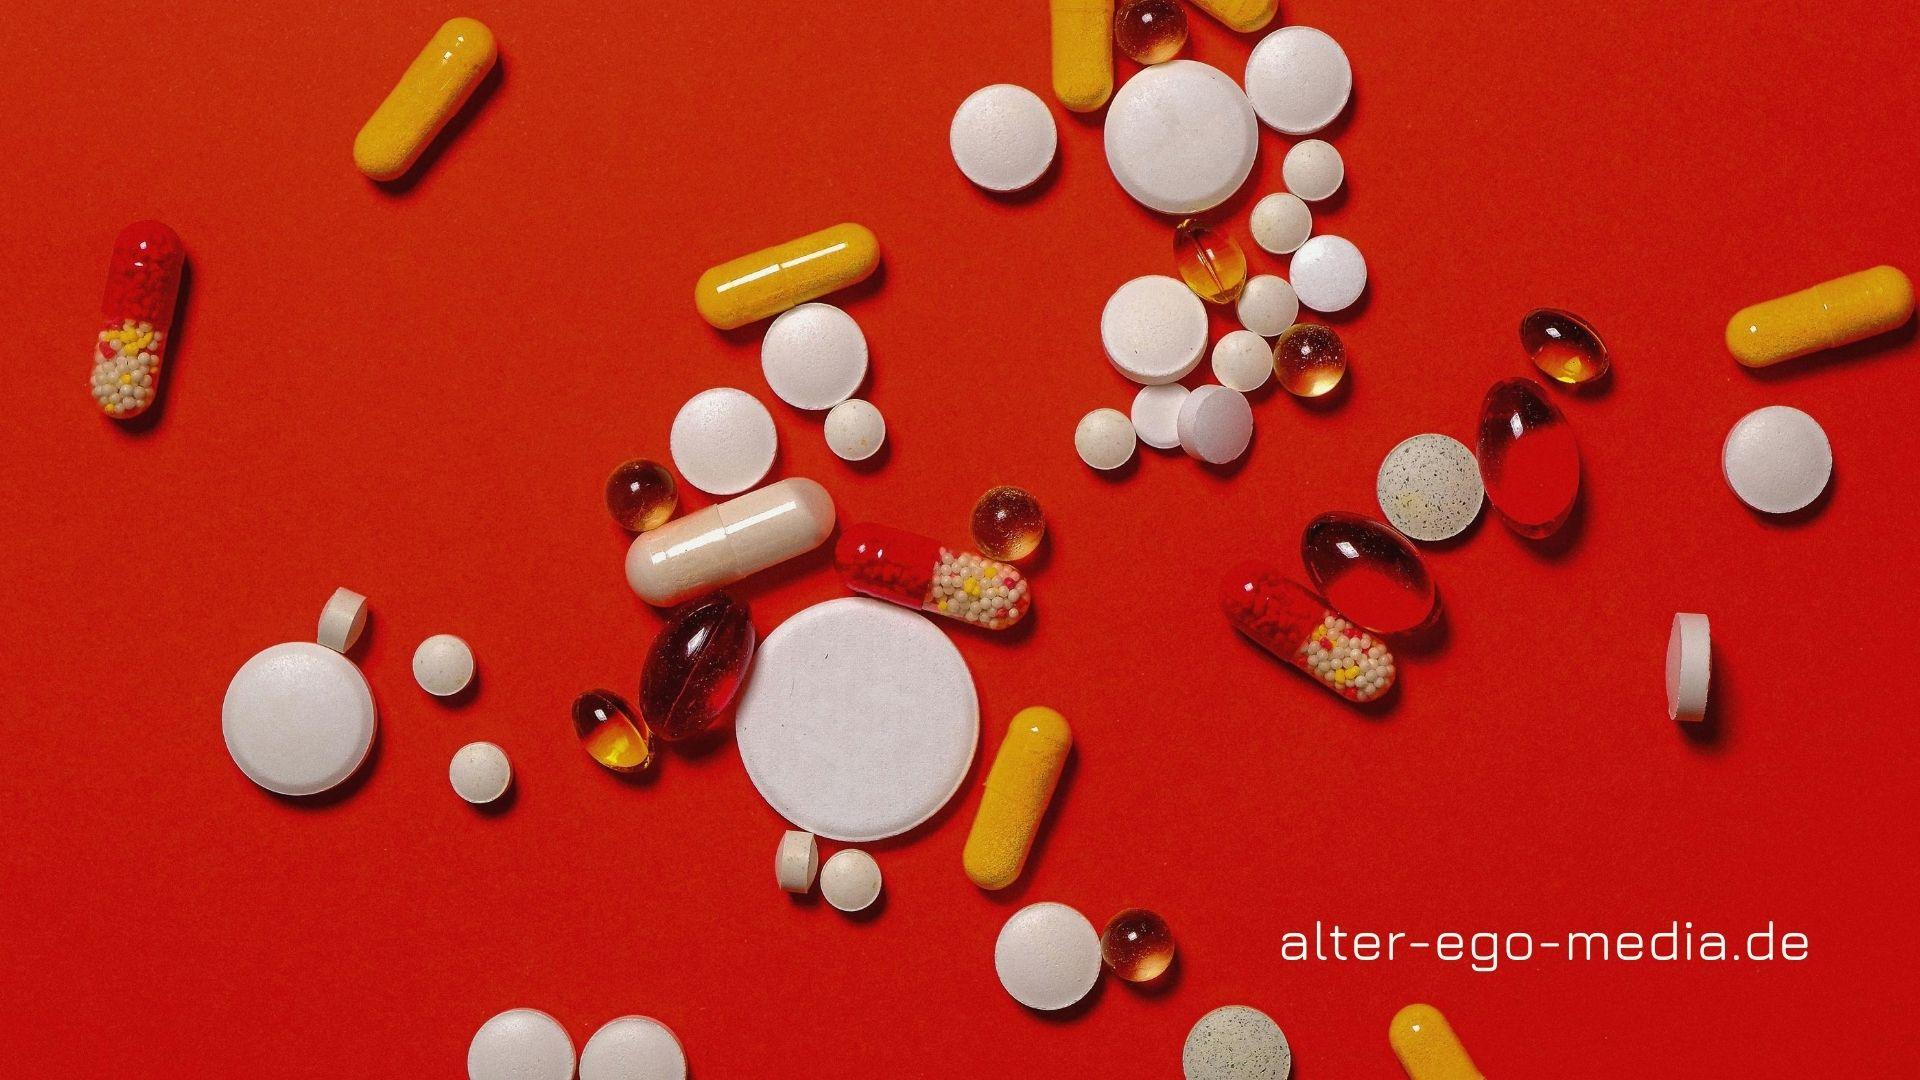 Безрецептурные лекарства в Германии